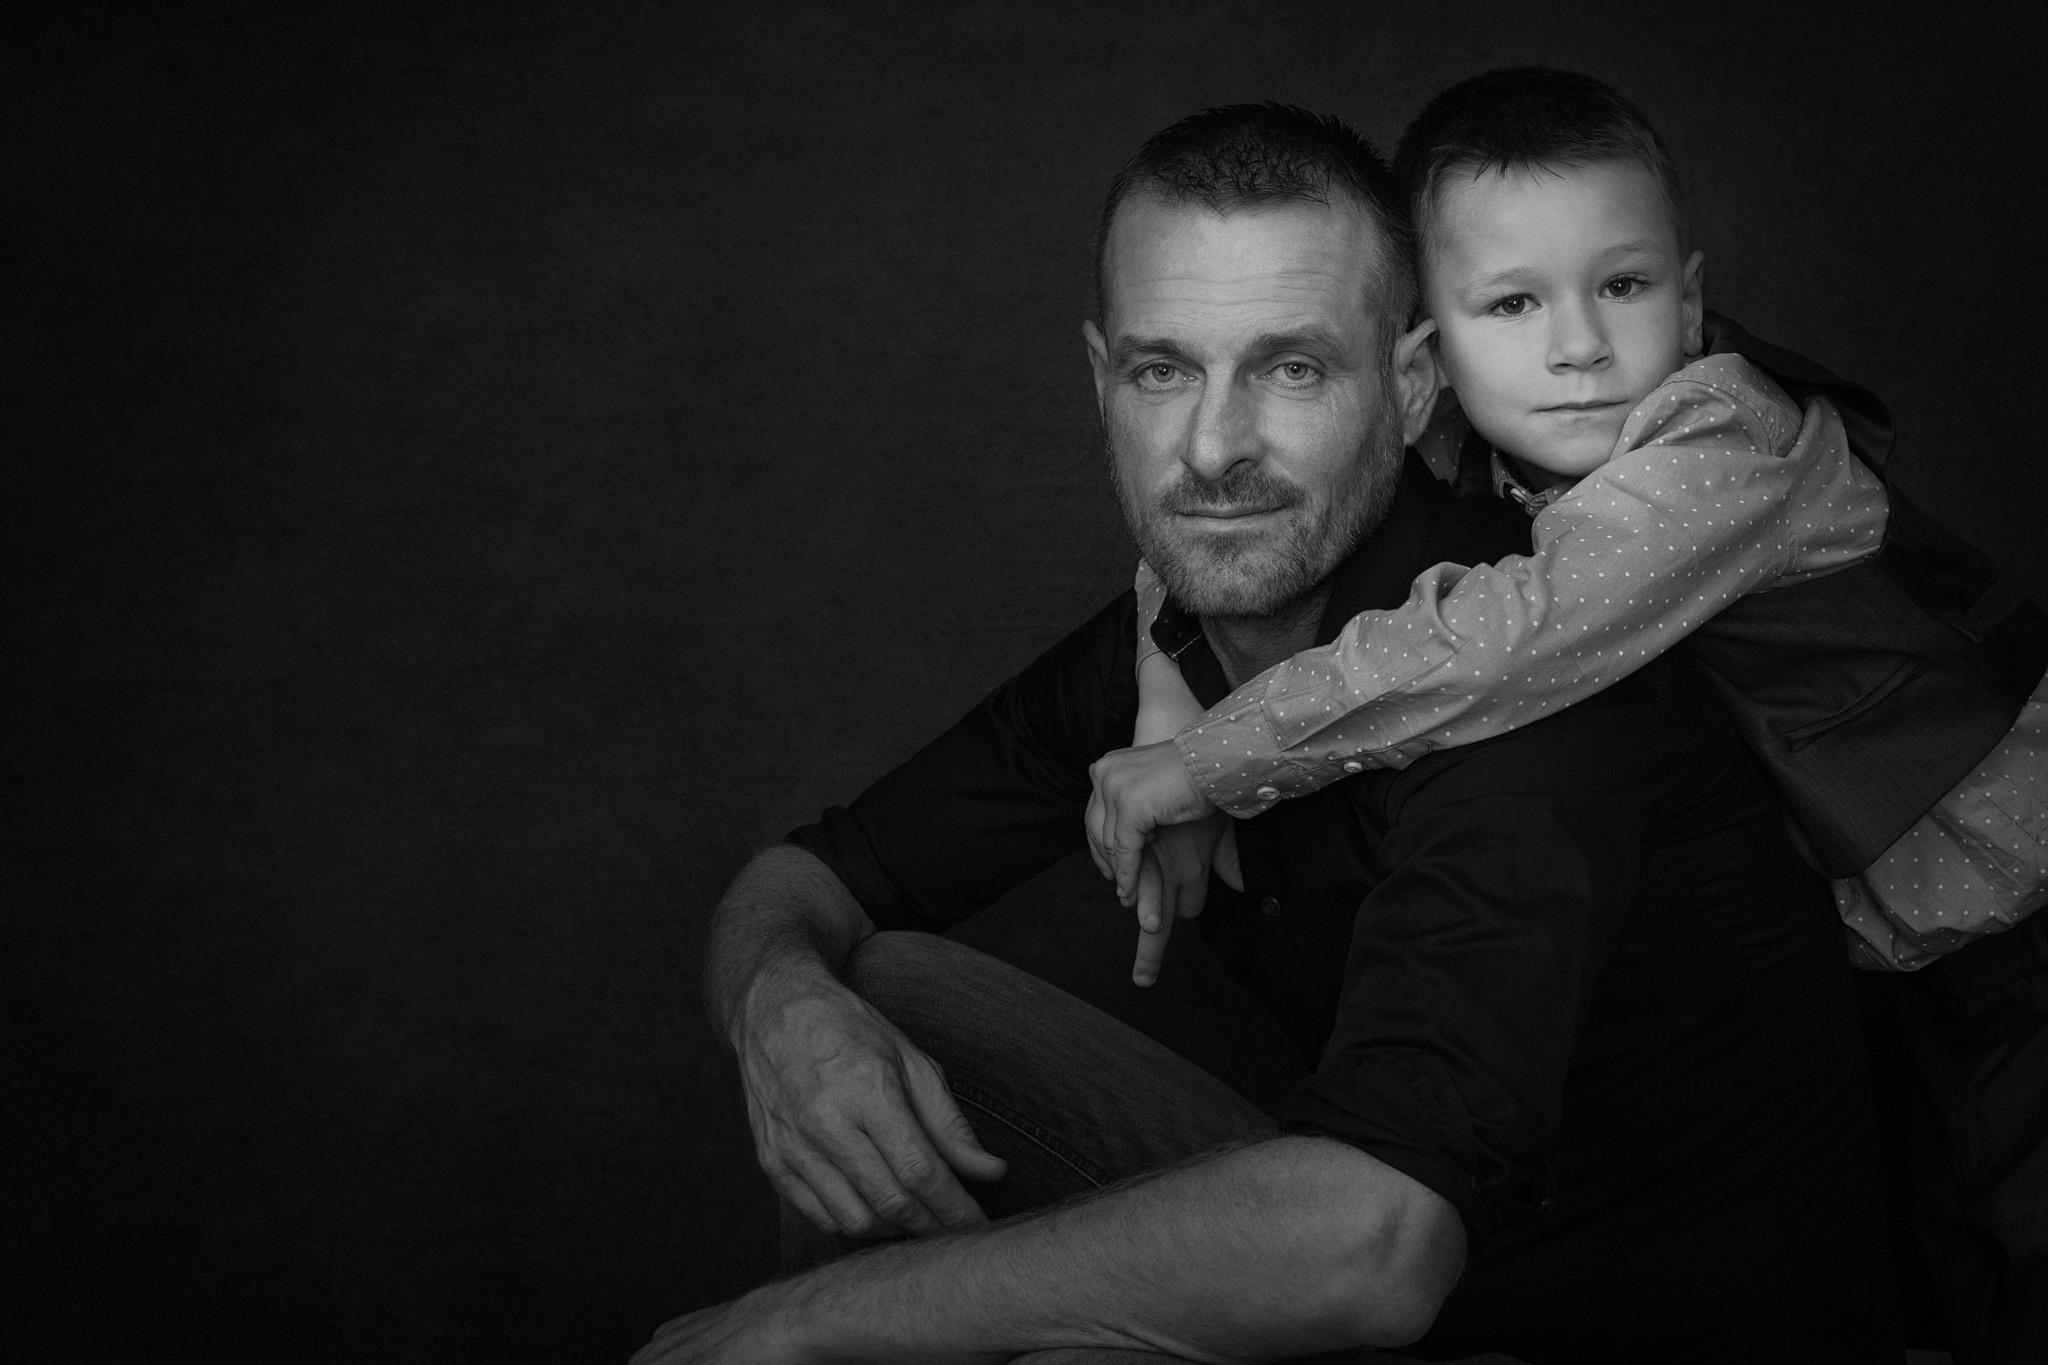 père et fils classe fashion photo portrait studio lot-et-garonne marmande tonneins virazeil